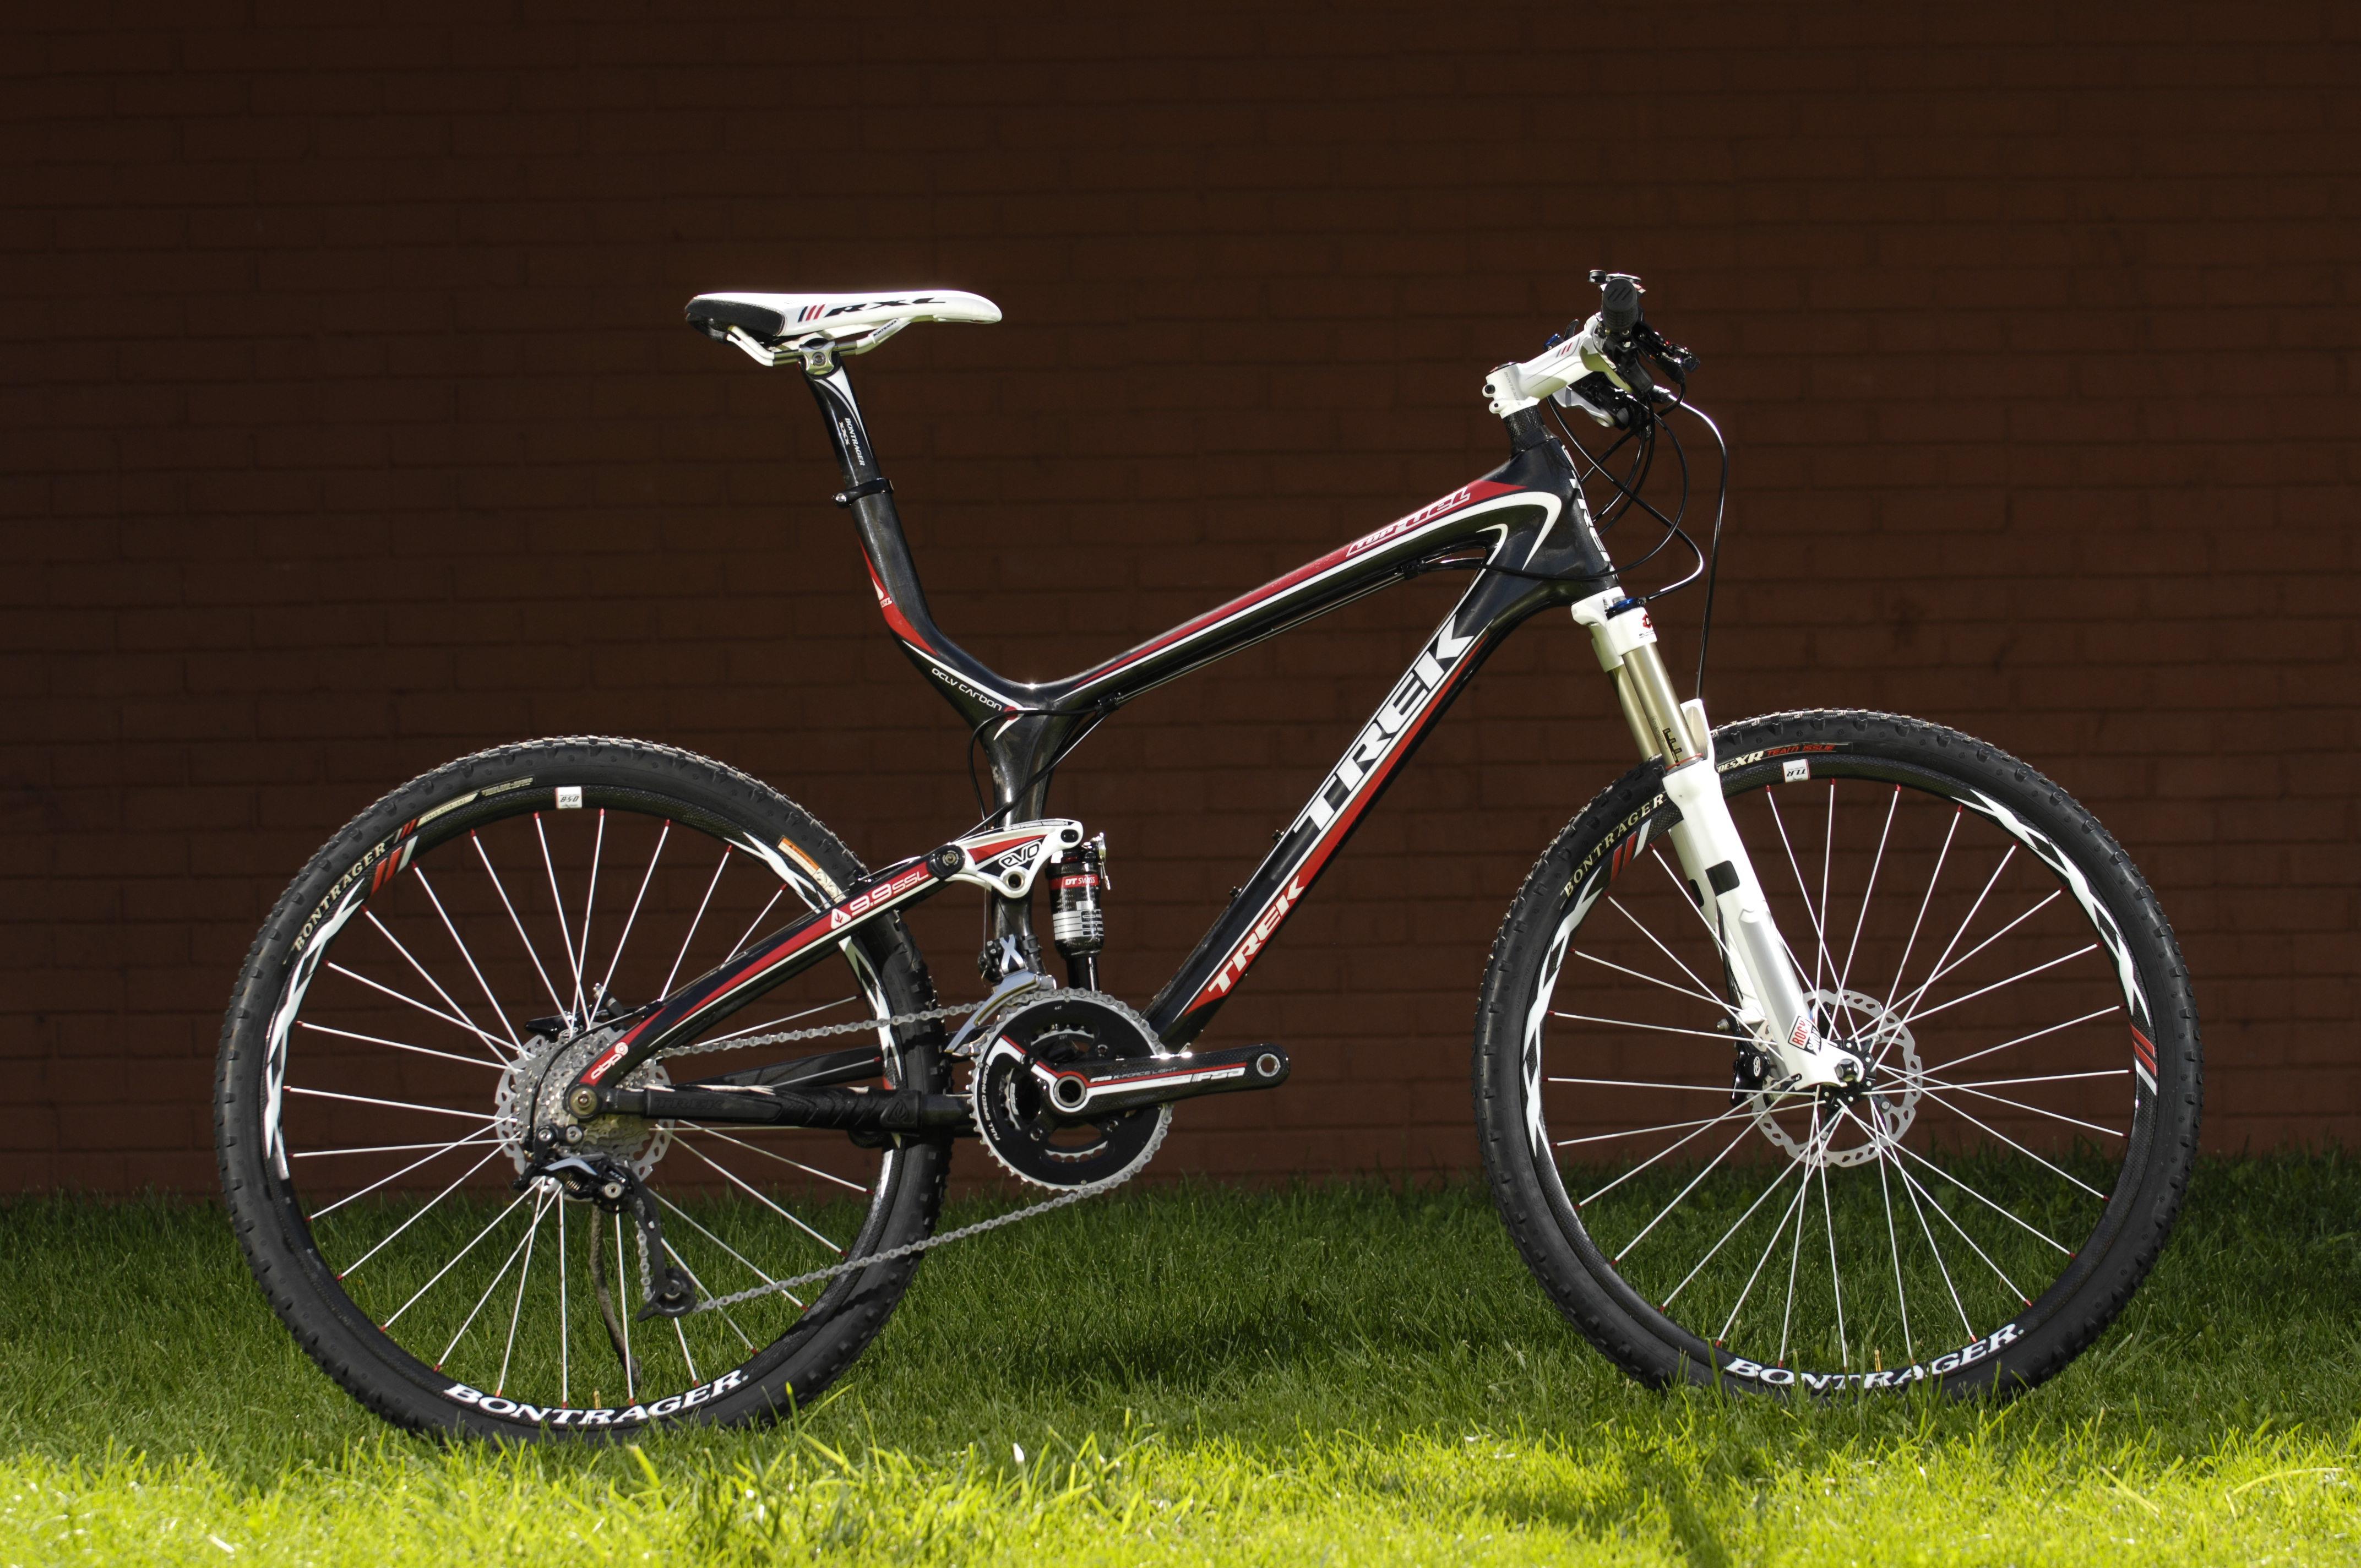 Trek Top Fuel 2009 Mbr